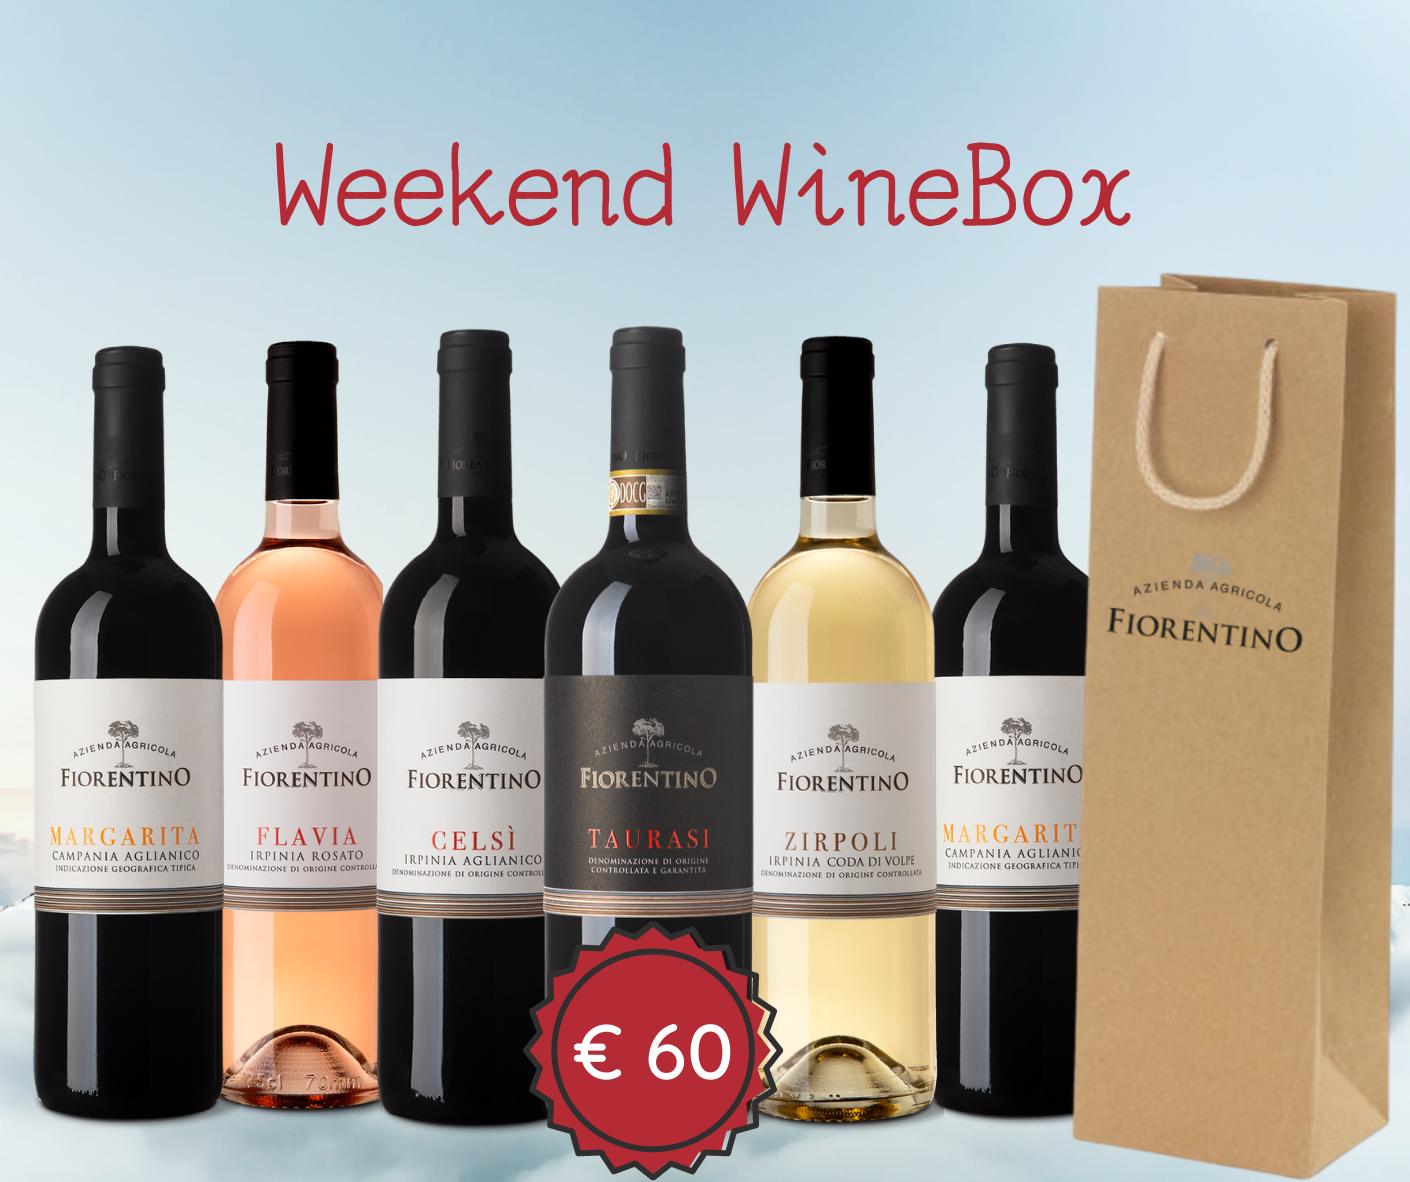 Weekend WineBox